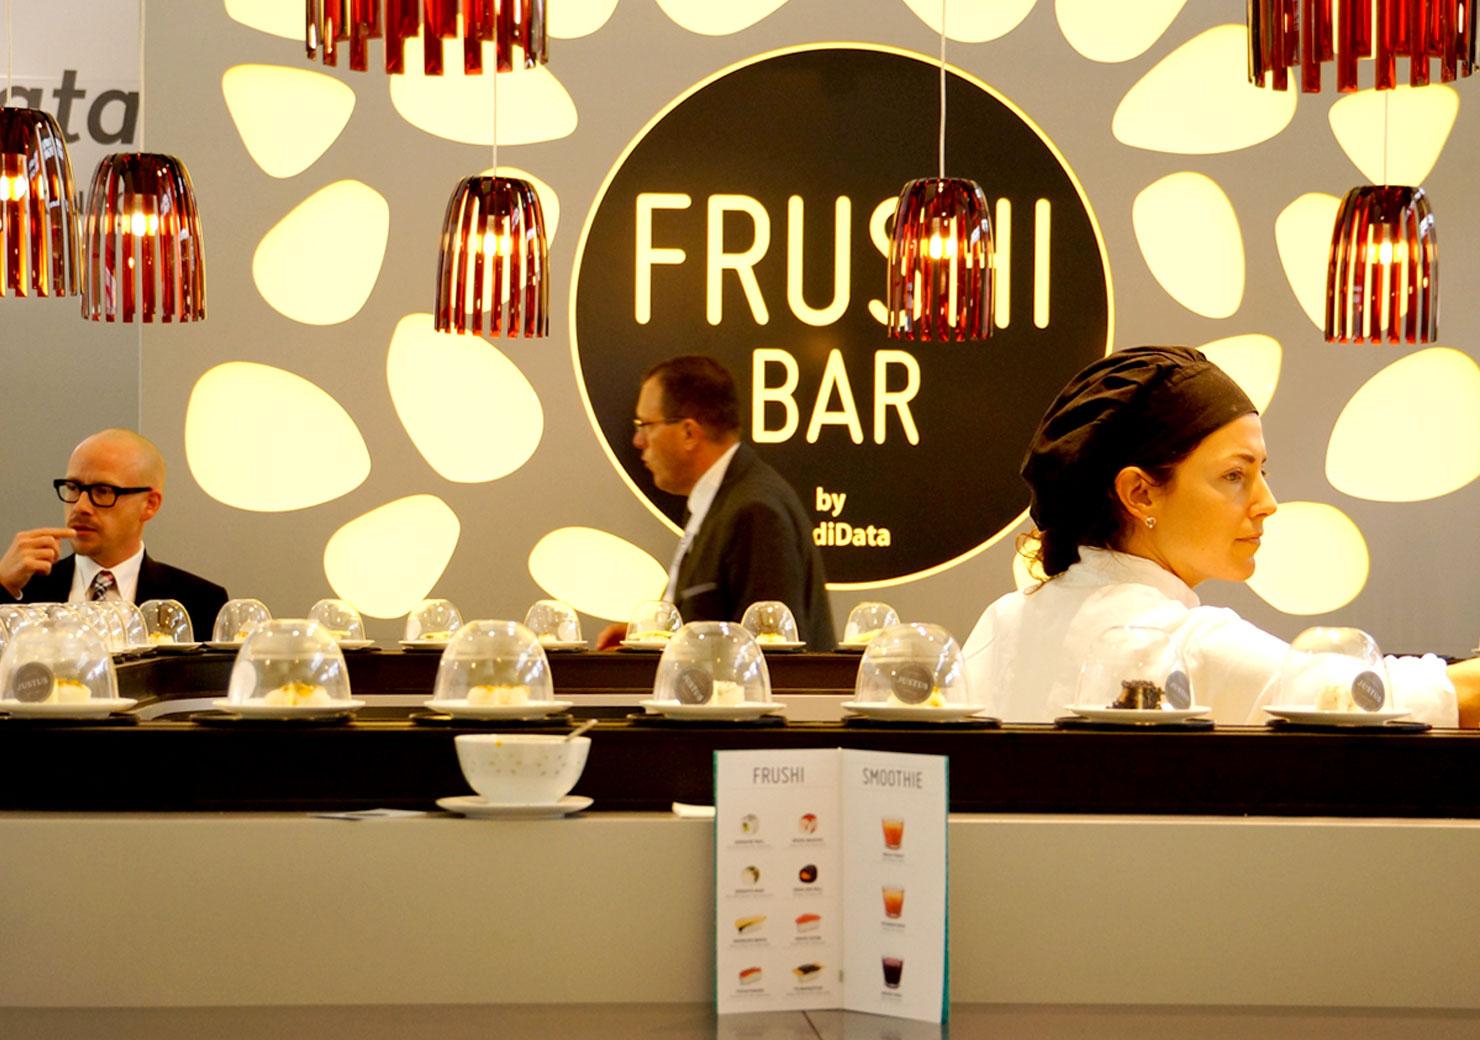 Sushi Bar Konzept für eine Messe-Auftritt slide 4